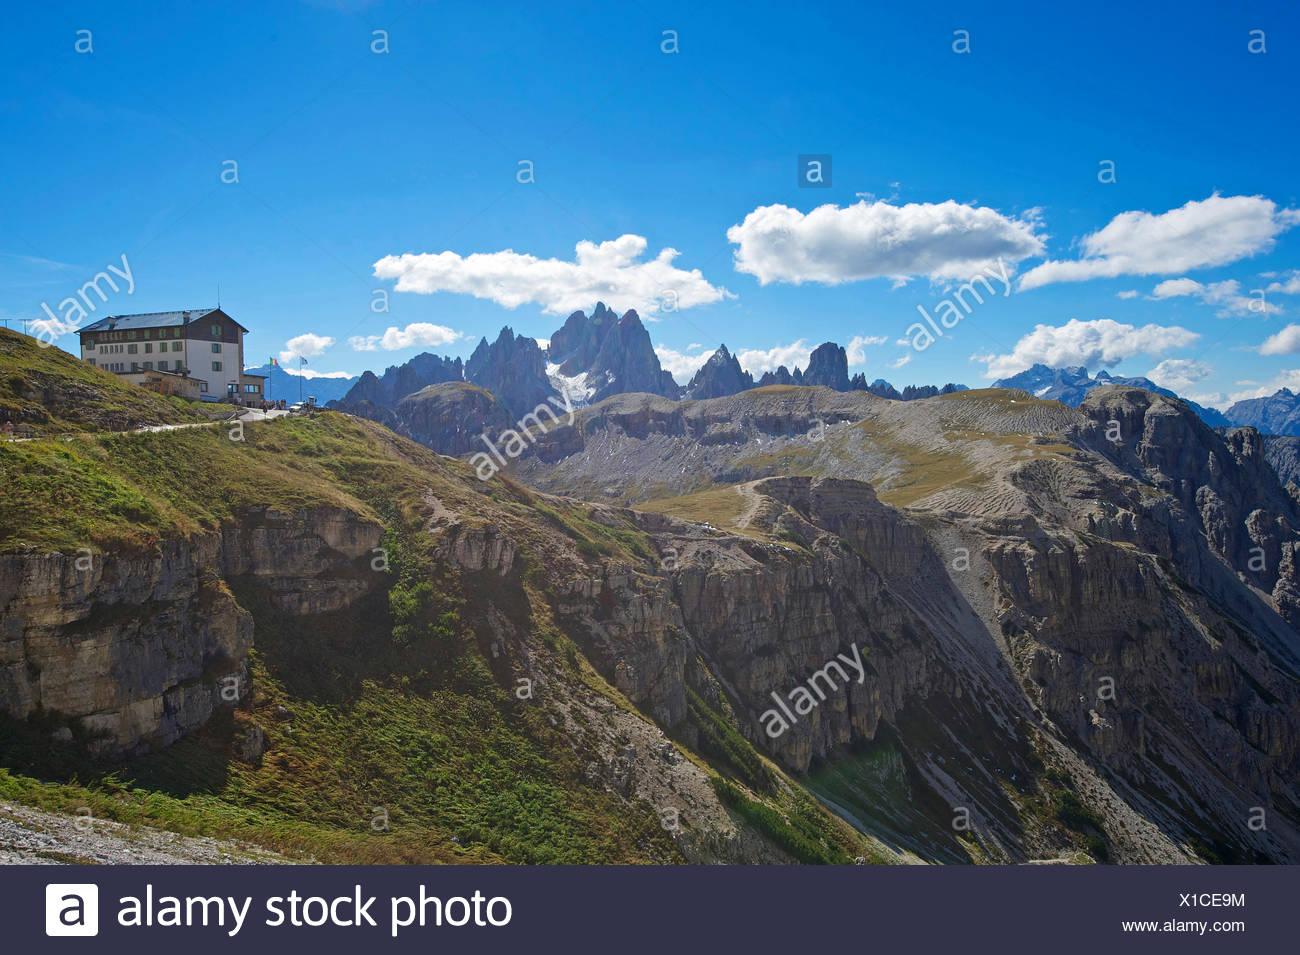 Italy, Europe, Trentino, South Tirol, South Tyrol, outside, Dolomites, mountains, mountain, landscape, mountainous, scenery, lan - Stock Image